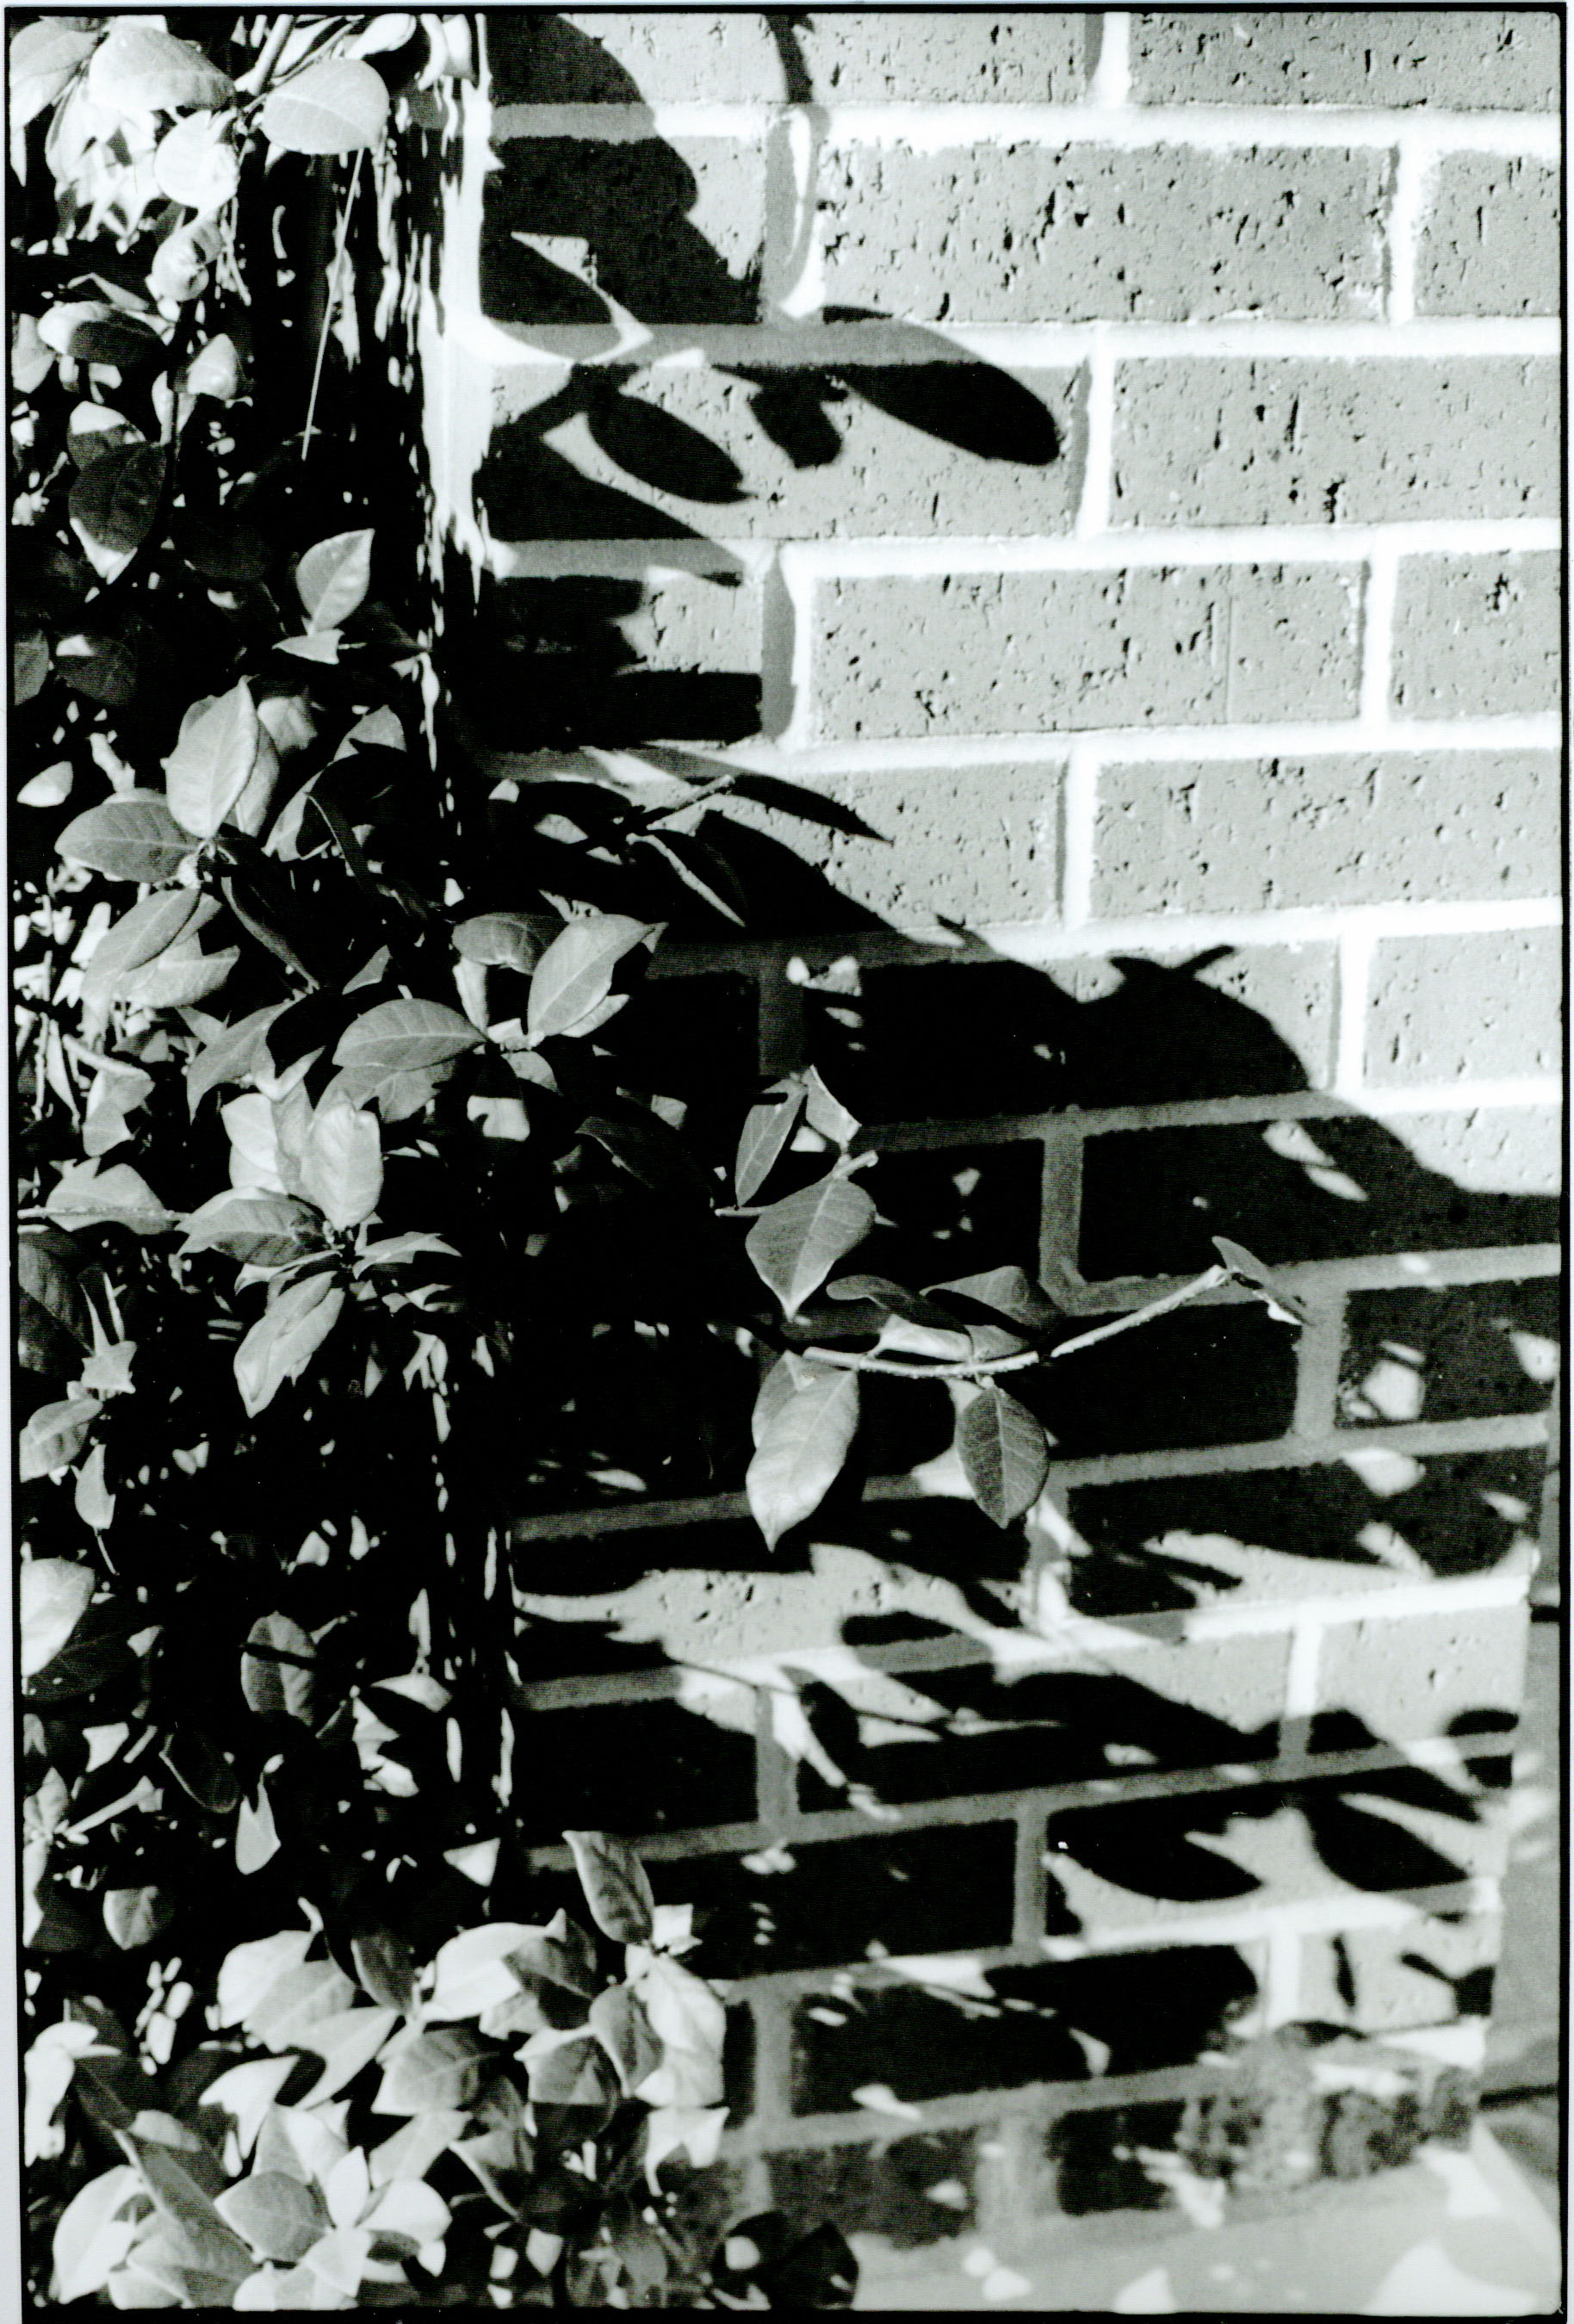 leaves on brick copy.jpg